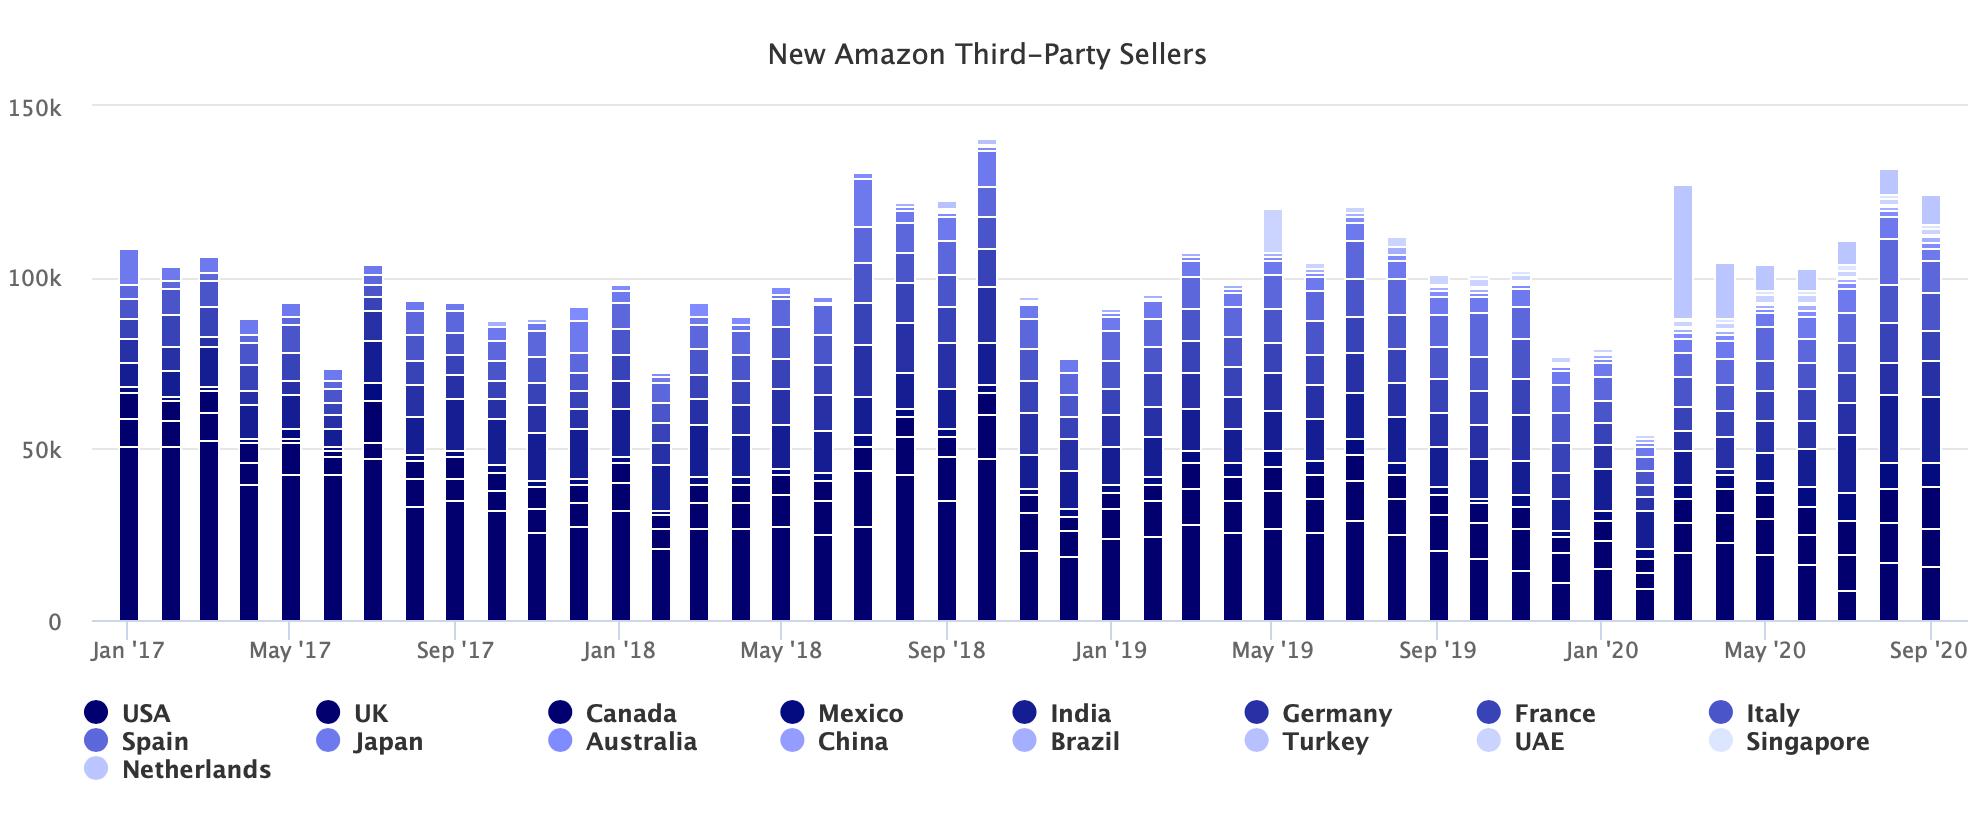 亚马逊平台第三方卖家销售额大增!附亚马逊平台新增卖家数量